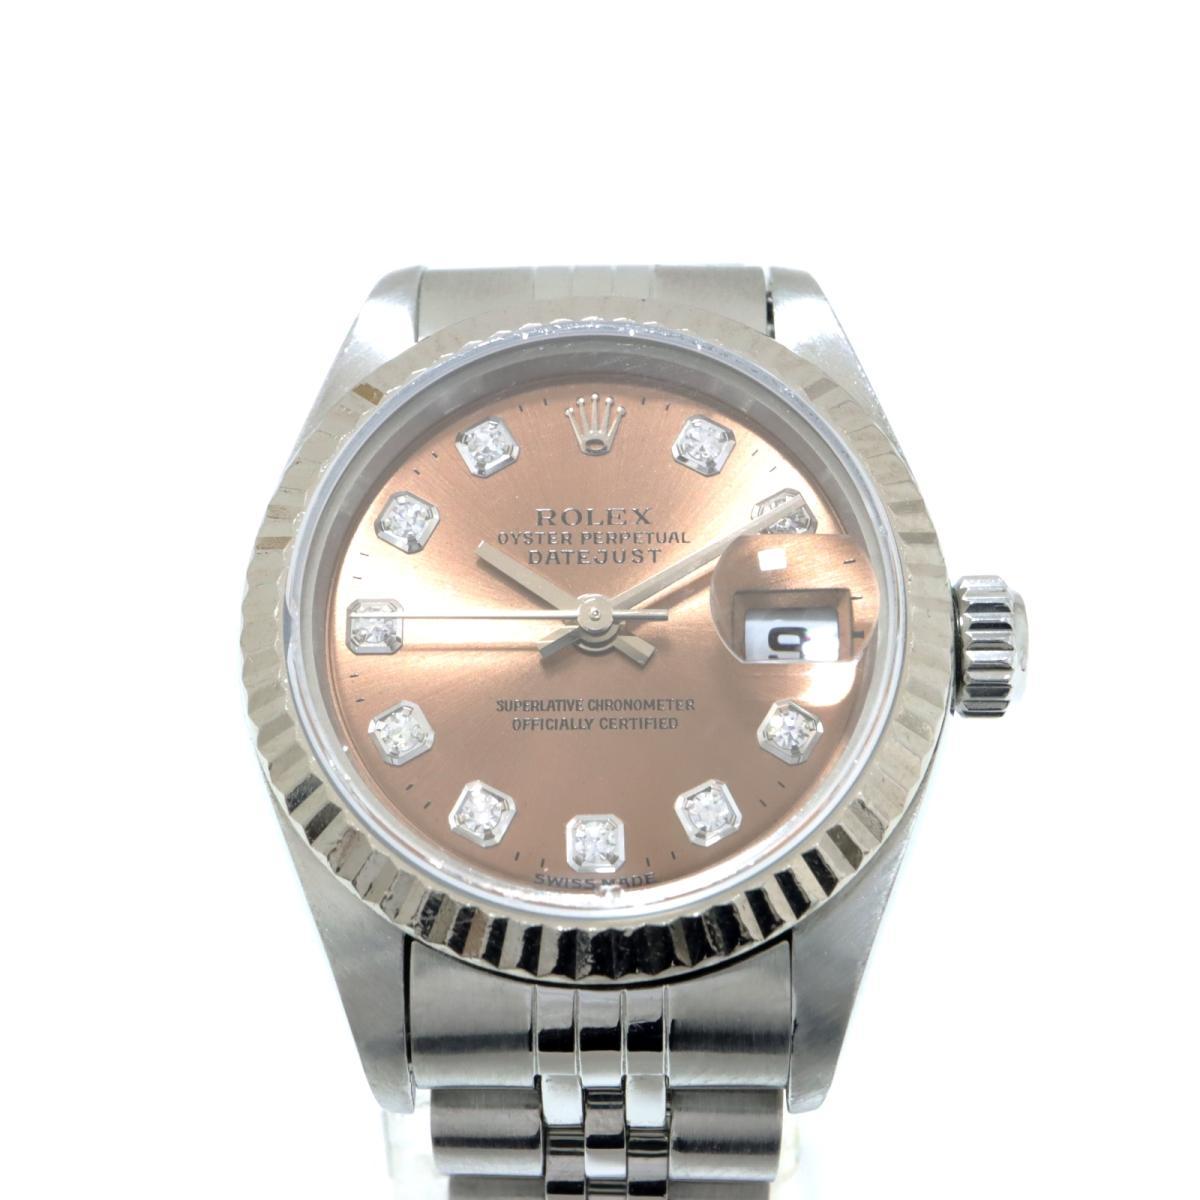 【中古】 ロレックス デイトジャスト レディ 10Pダイヤ 新J 新P 腕時計 レディース K18WG (750) ホワイトゴールド SS ダイヤモンド シルバー (69174G) | ROLEX BRANDOFF ブランドオフ ブランド ブランド時計 ブランド腕時計 時計